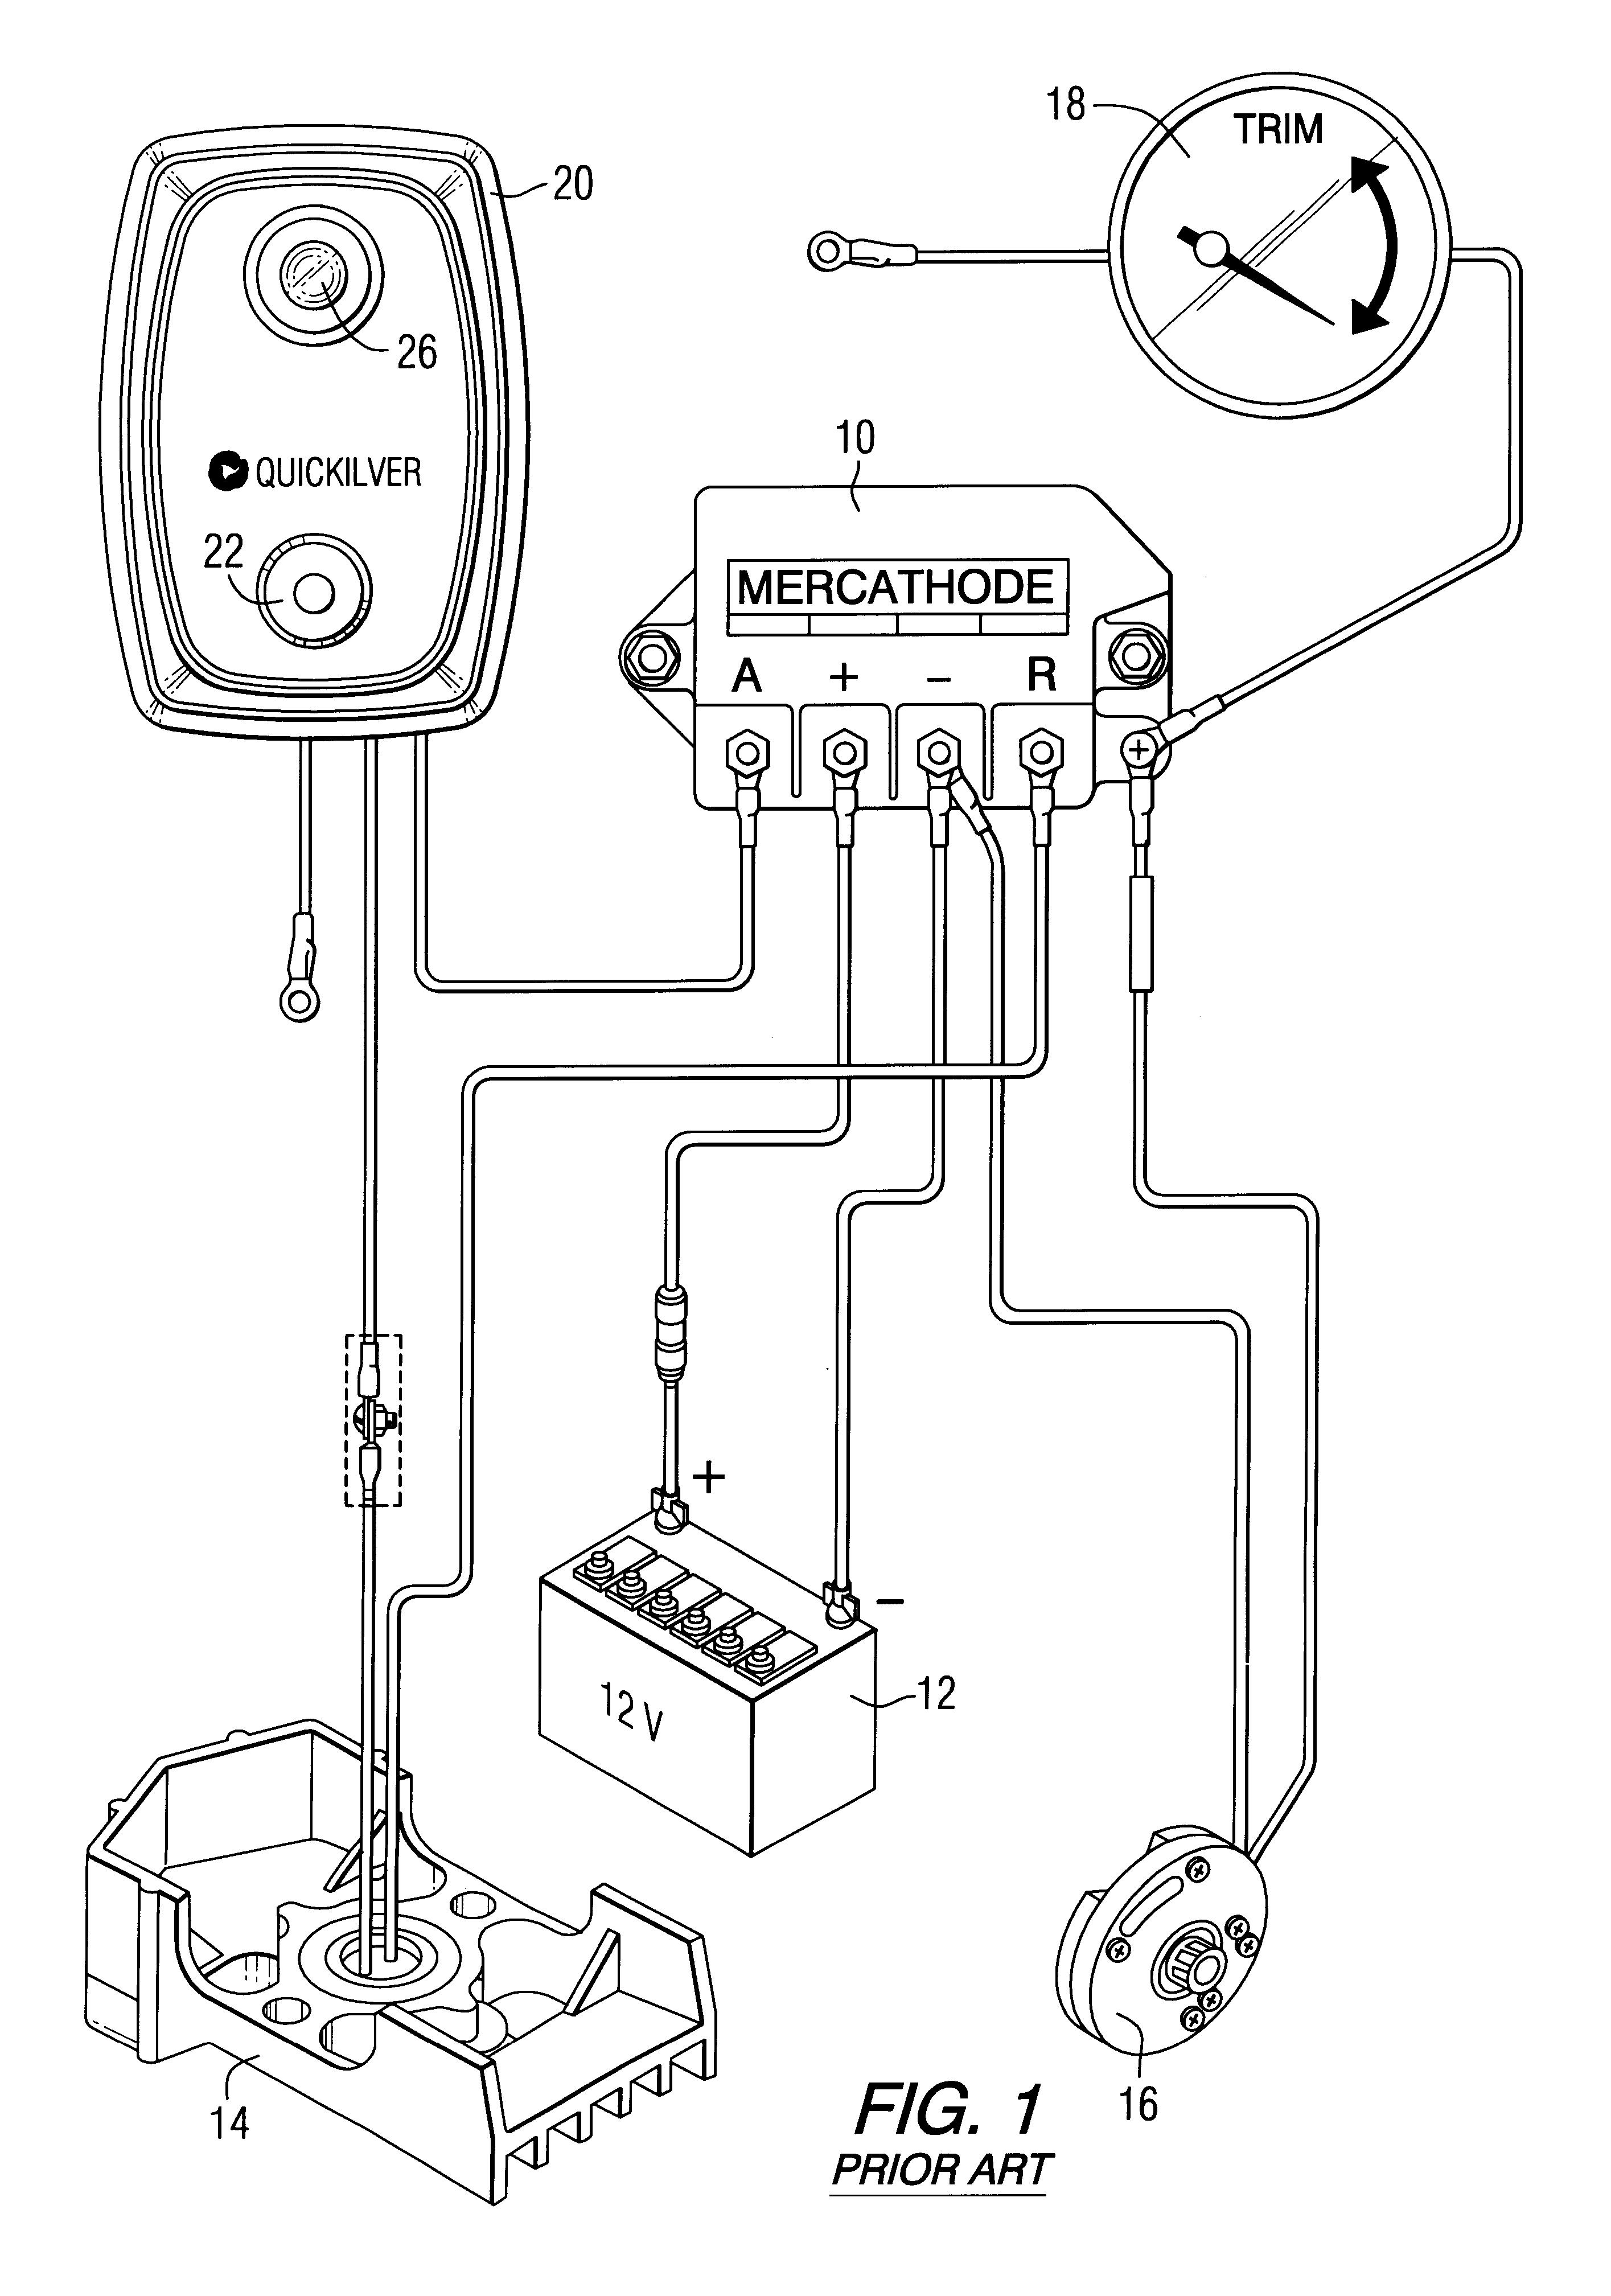 patent us6183625